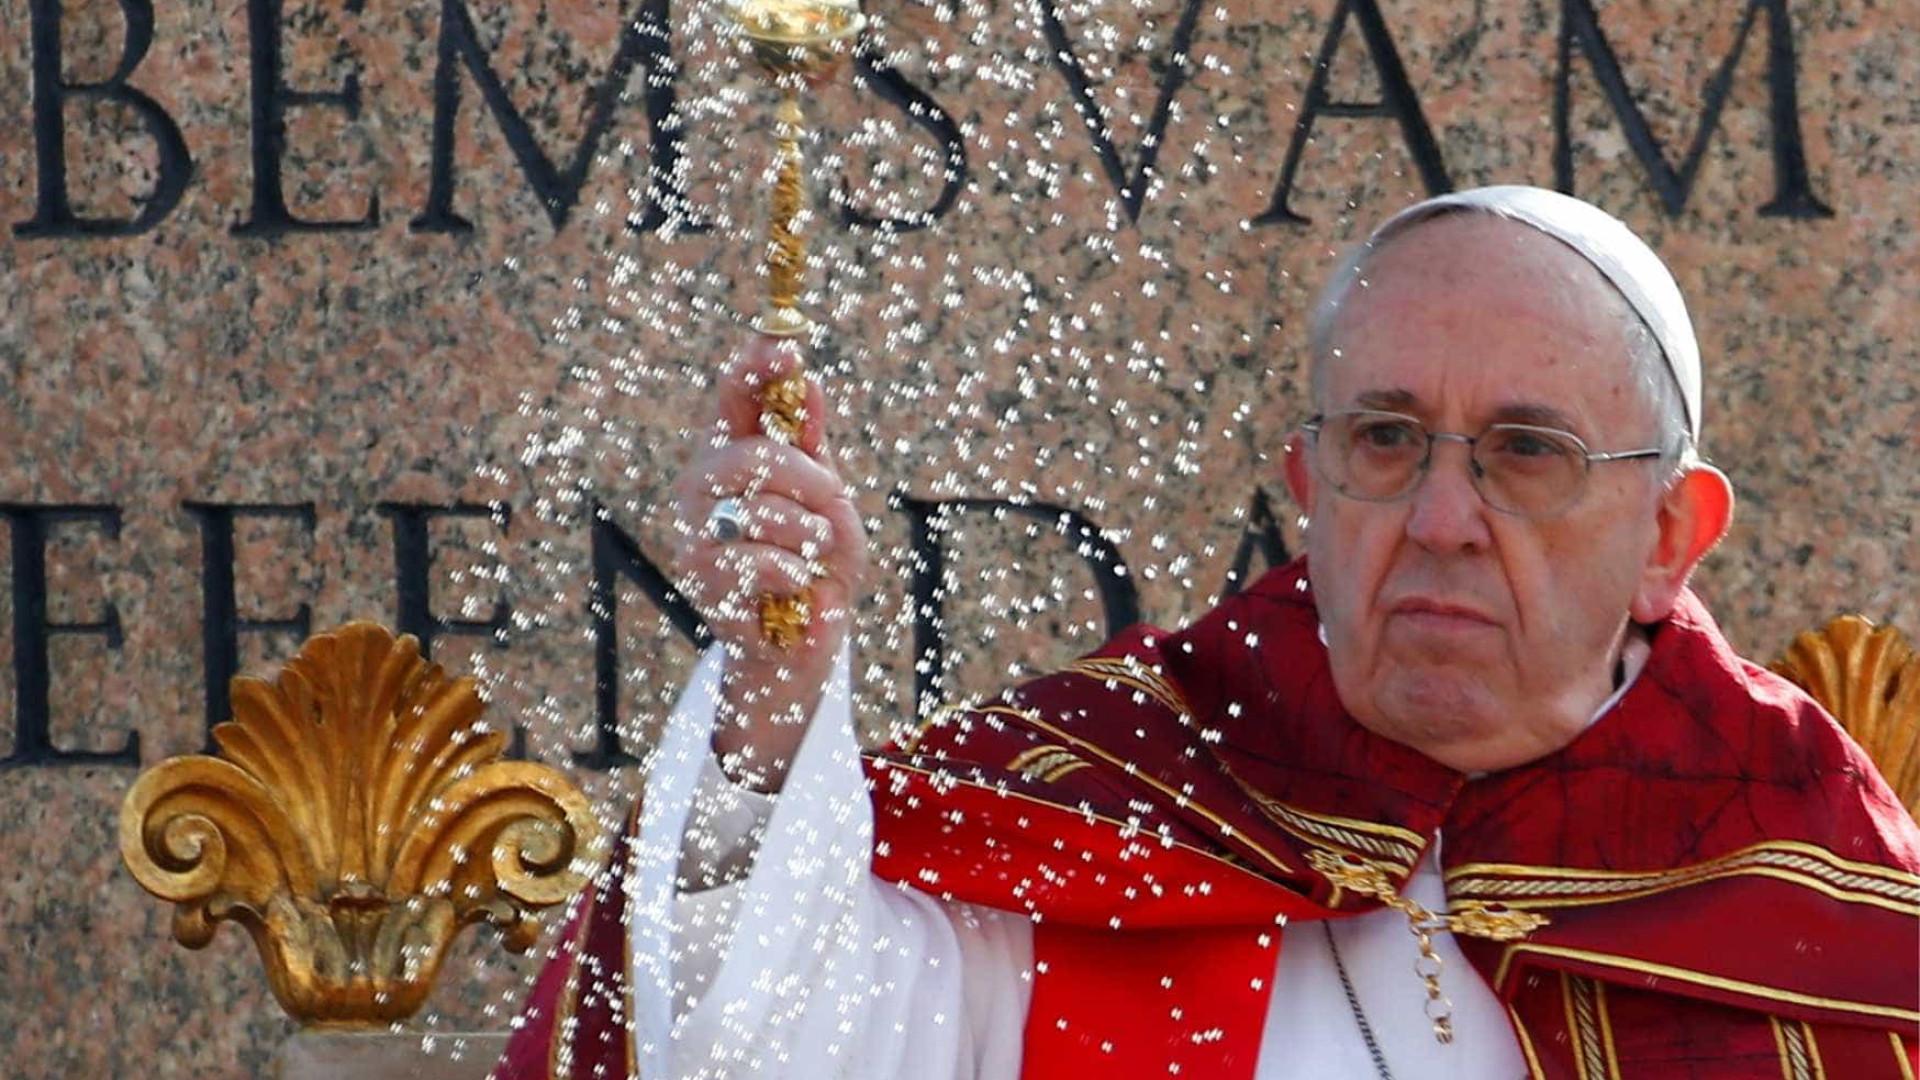 Seleção da Argentina vai ao Vaticano — Torcida do papa